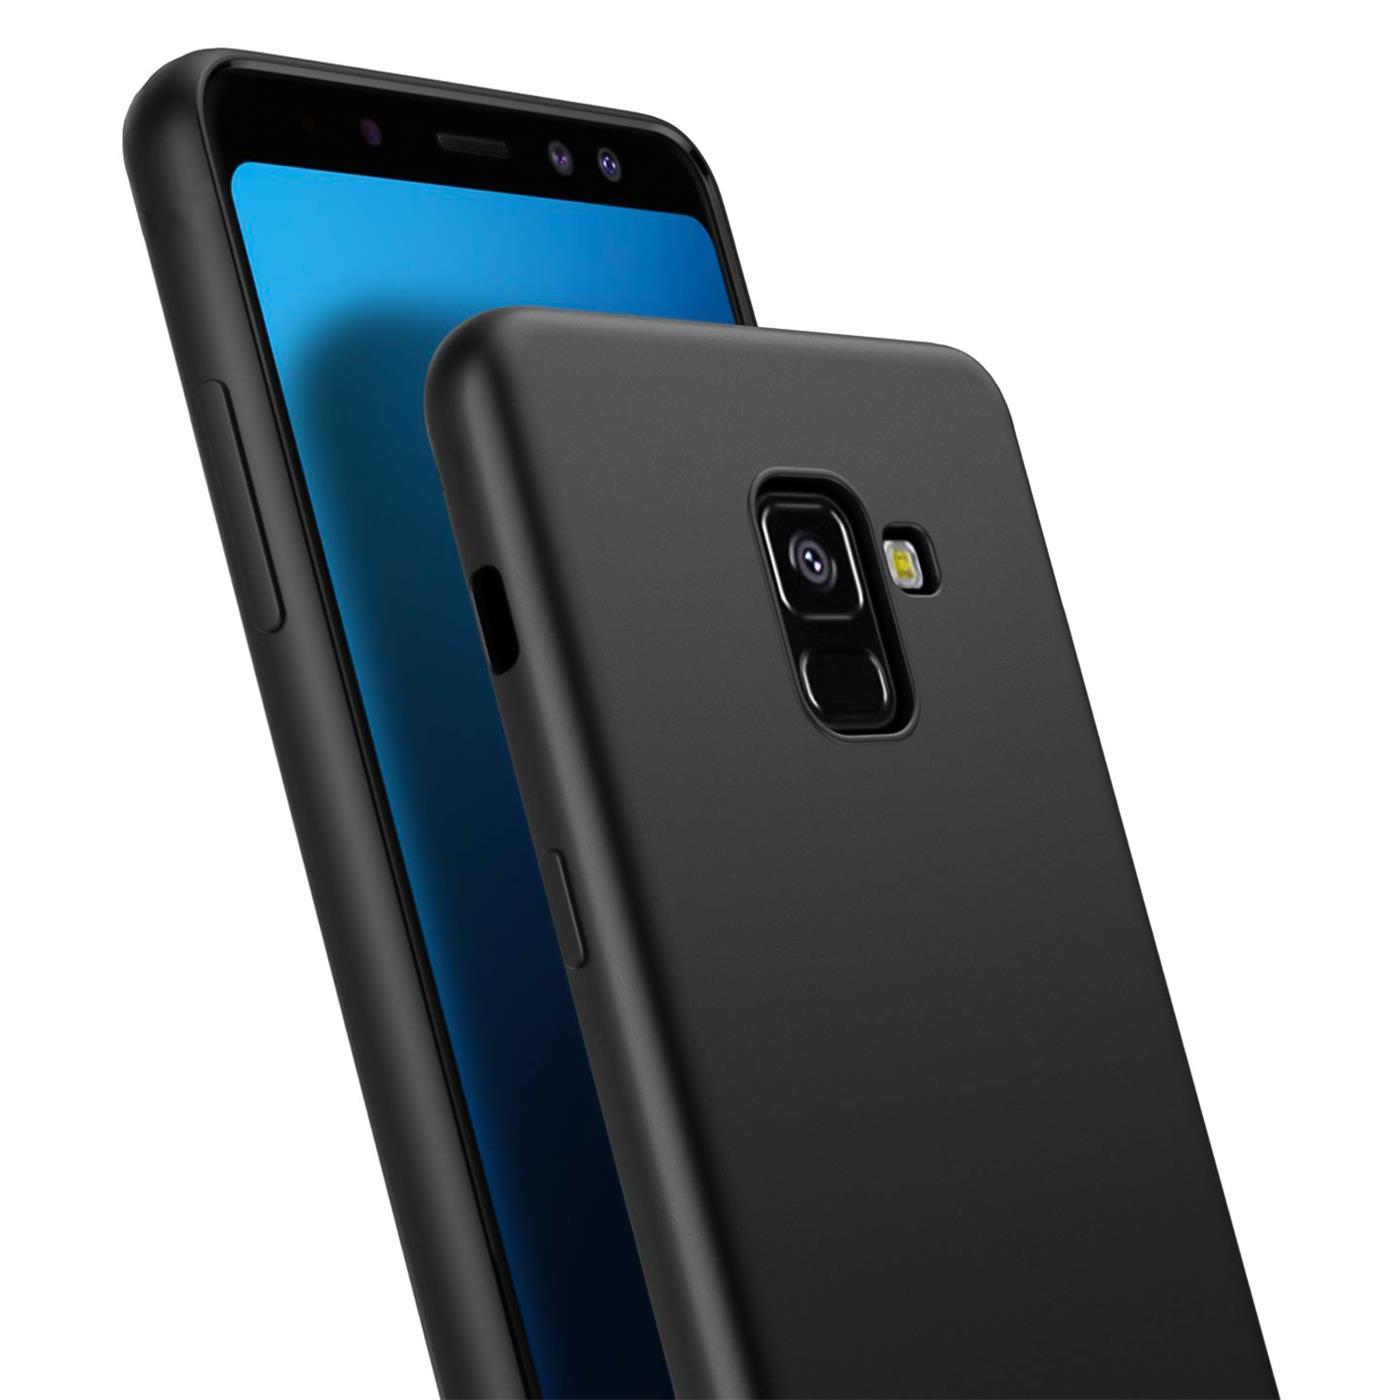 Huelle-fuer-Samsung-Galaxy-A8-Schutzhuelle-Handy-Huelle-Slim-Case-Weich-Matt-Schwarz Indexbild 9